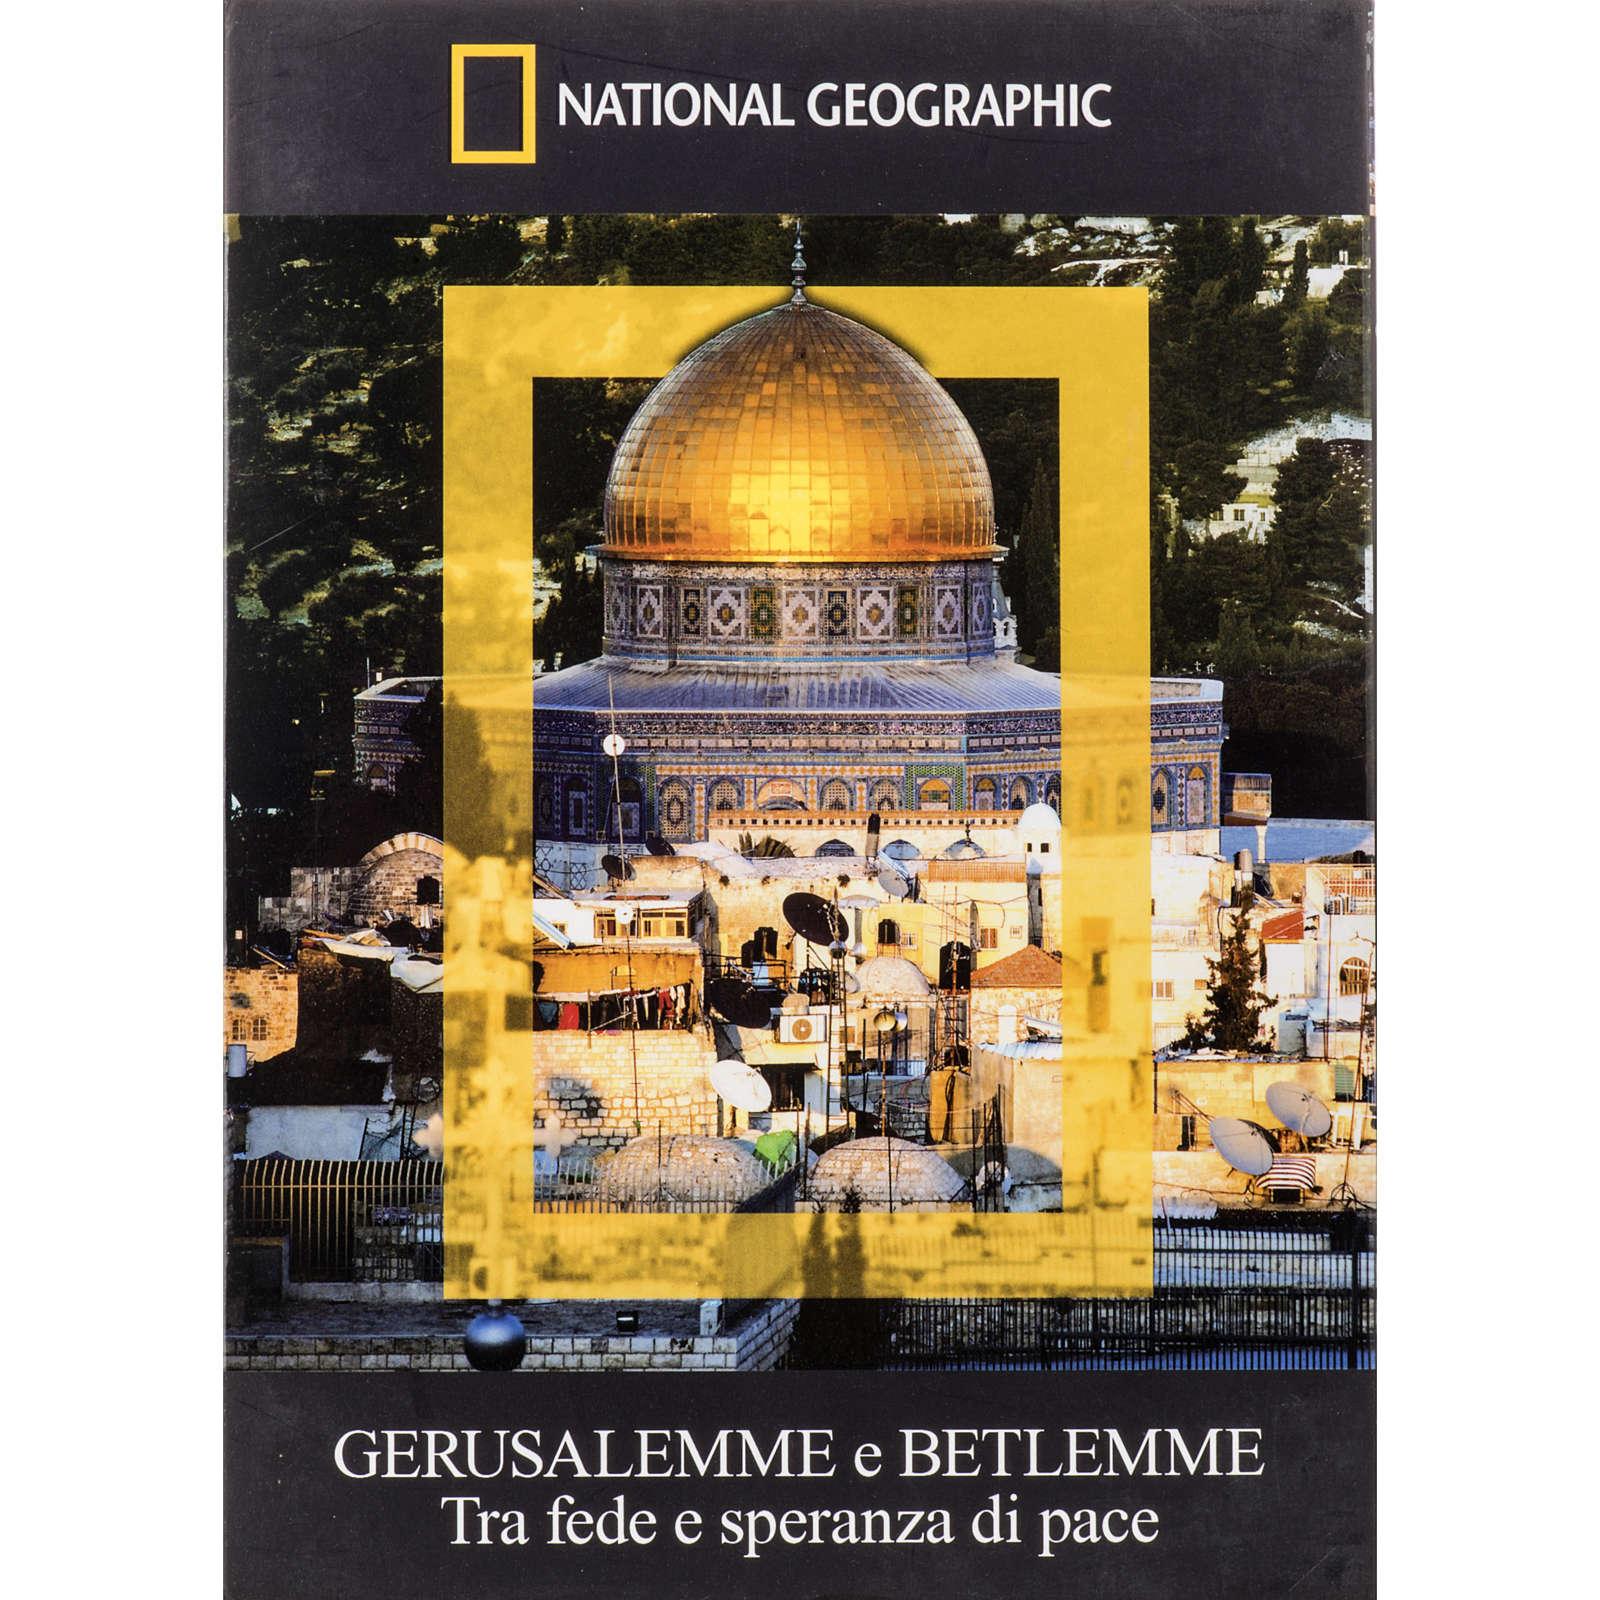 Gerusalemme e Betlemme 3